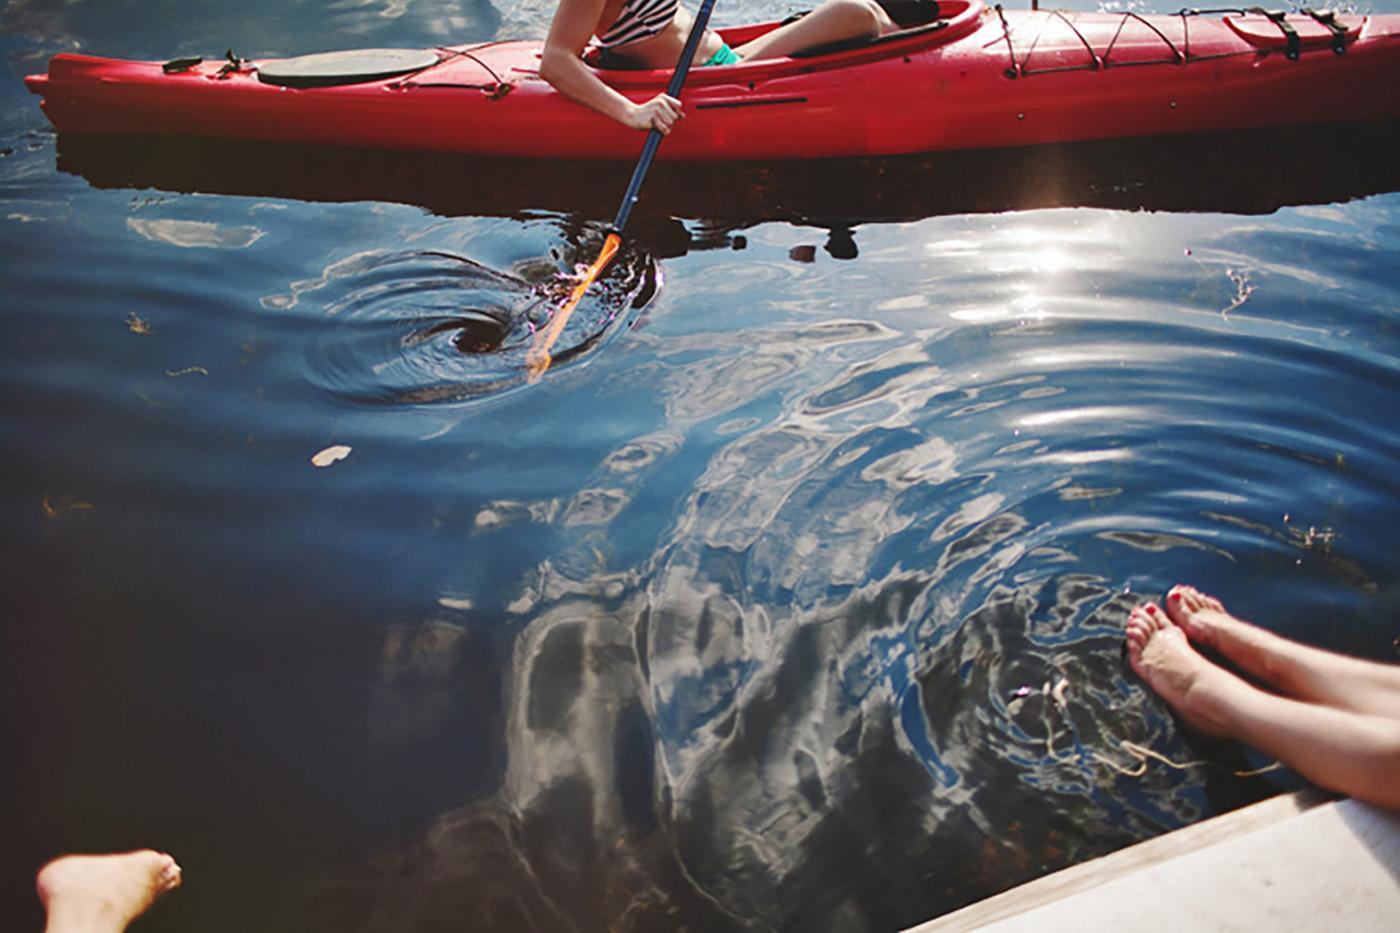 Camping at Lake Wandawega is perfect for a summer getaway.